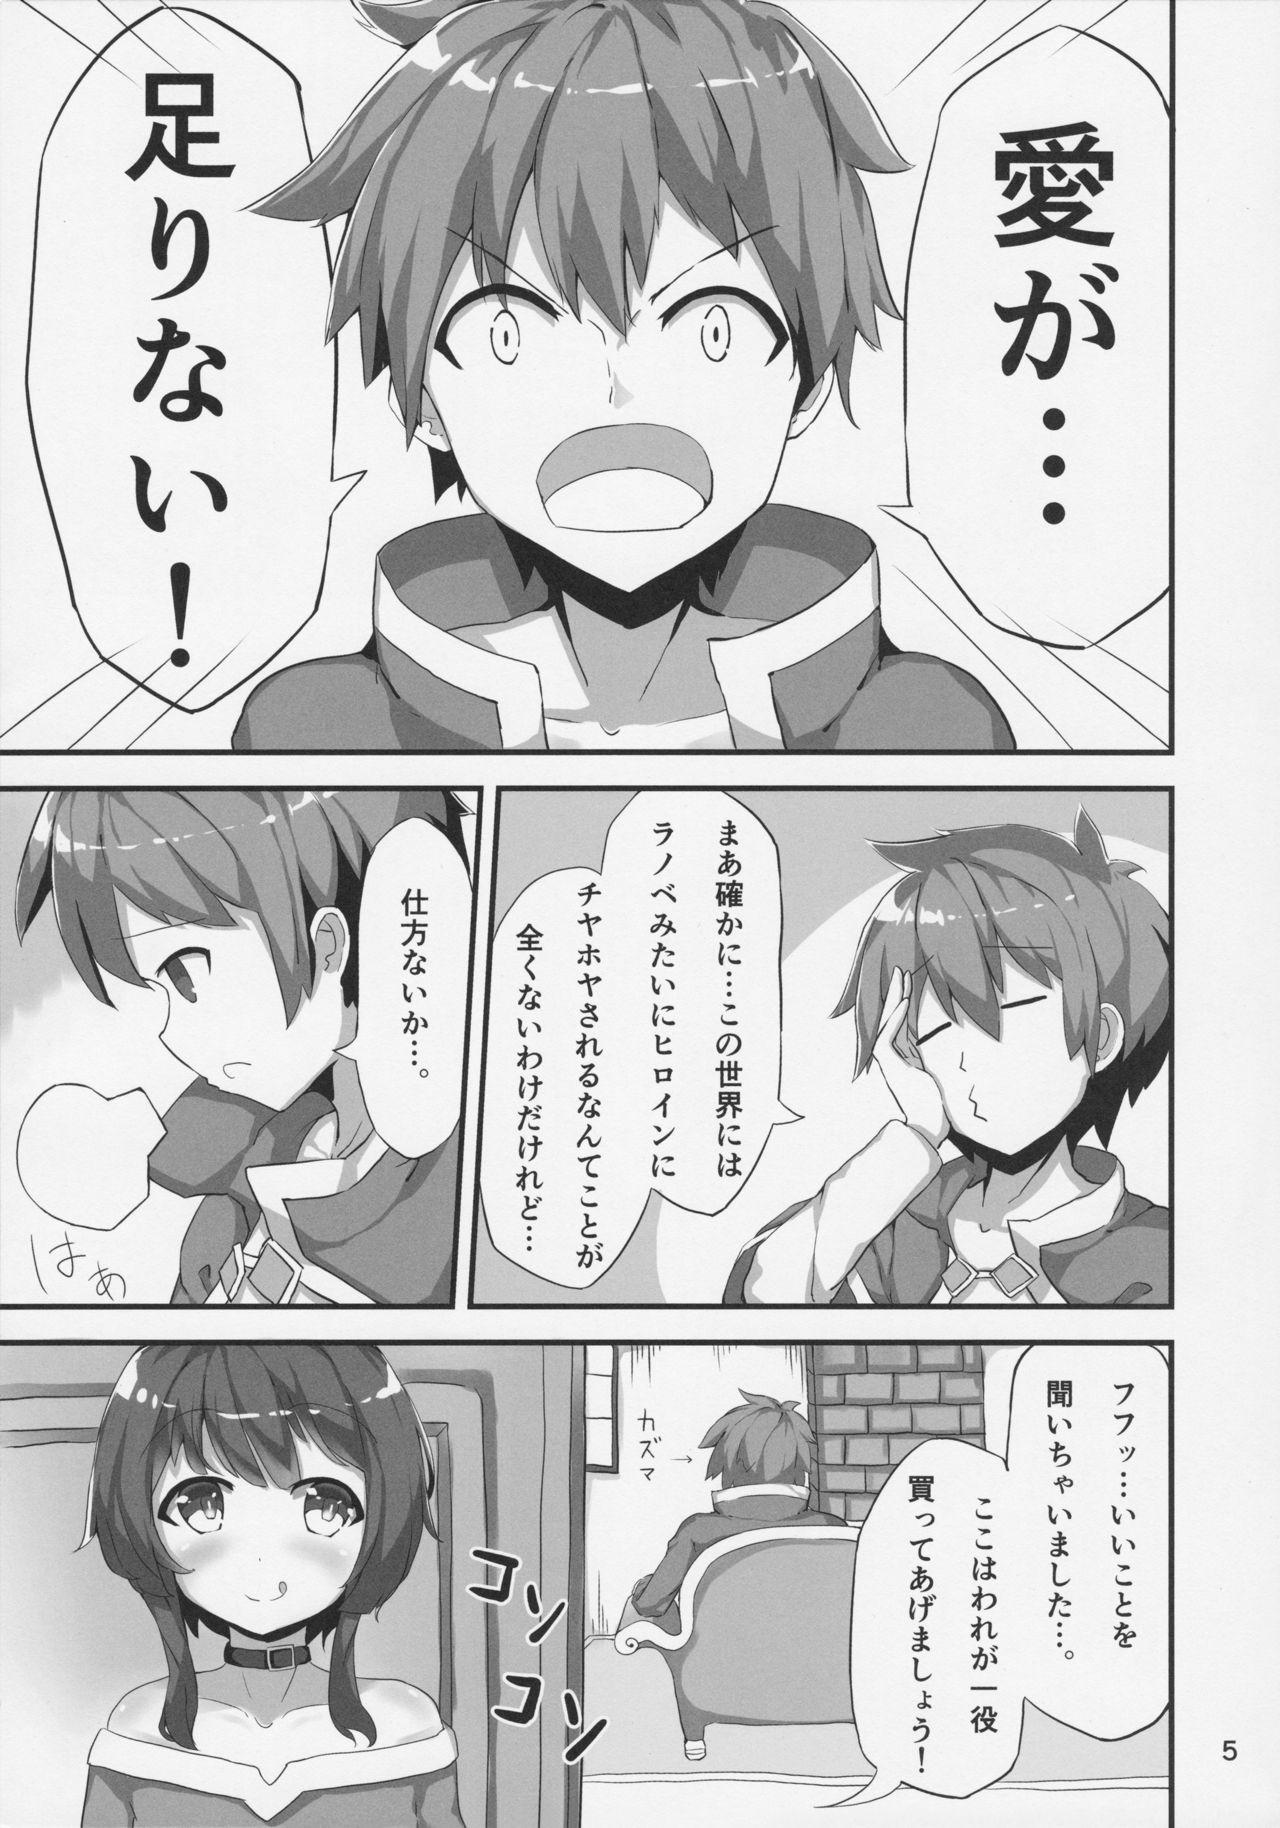 Megumin ga Josei no Miryoku o Misete kurerutte 3